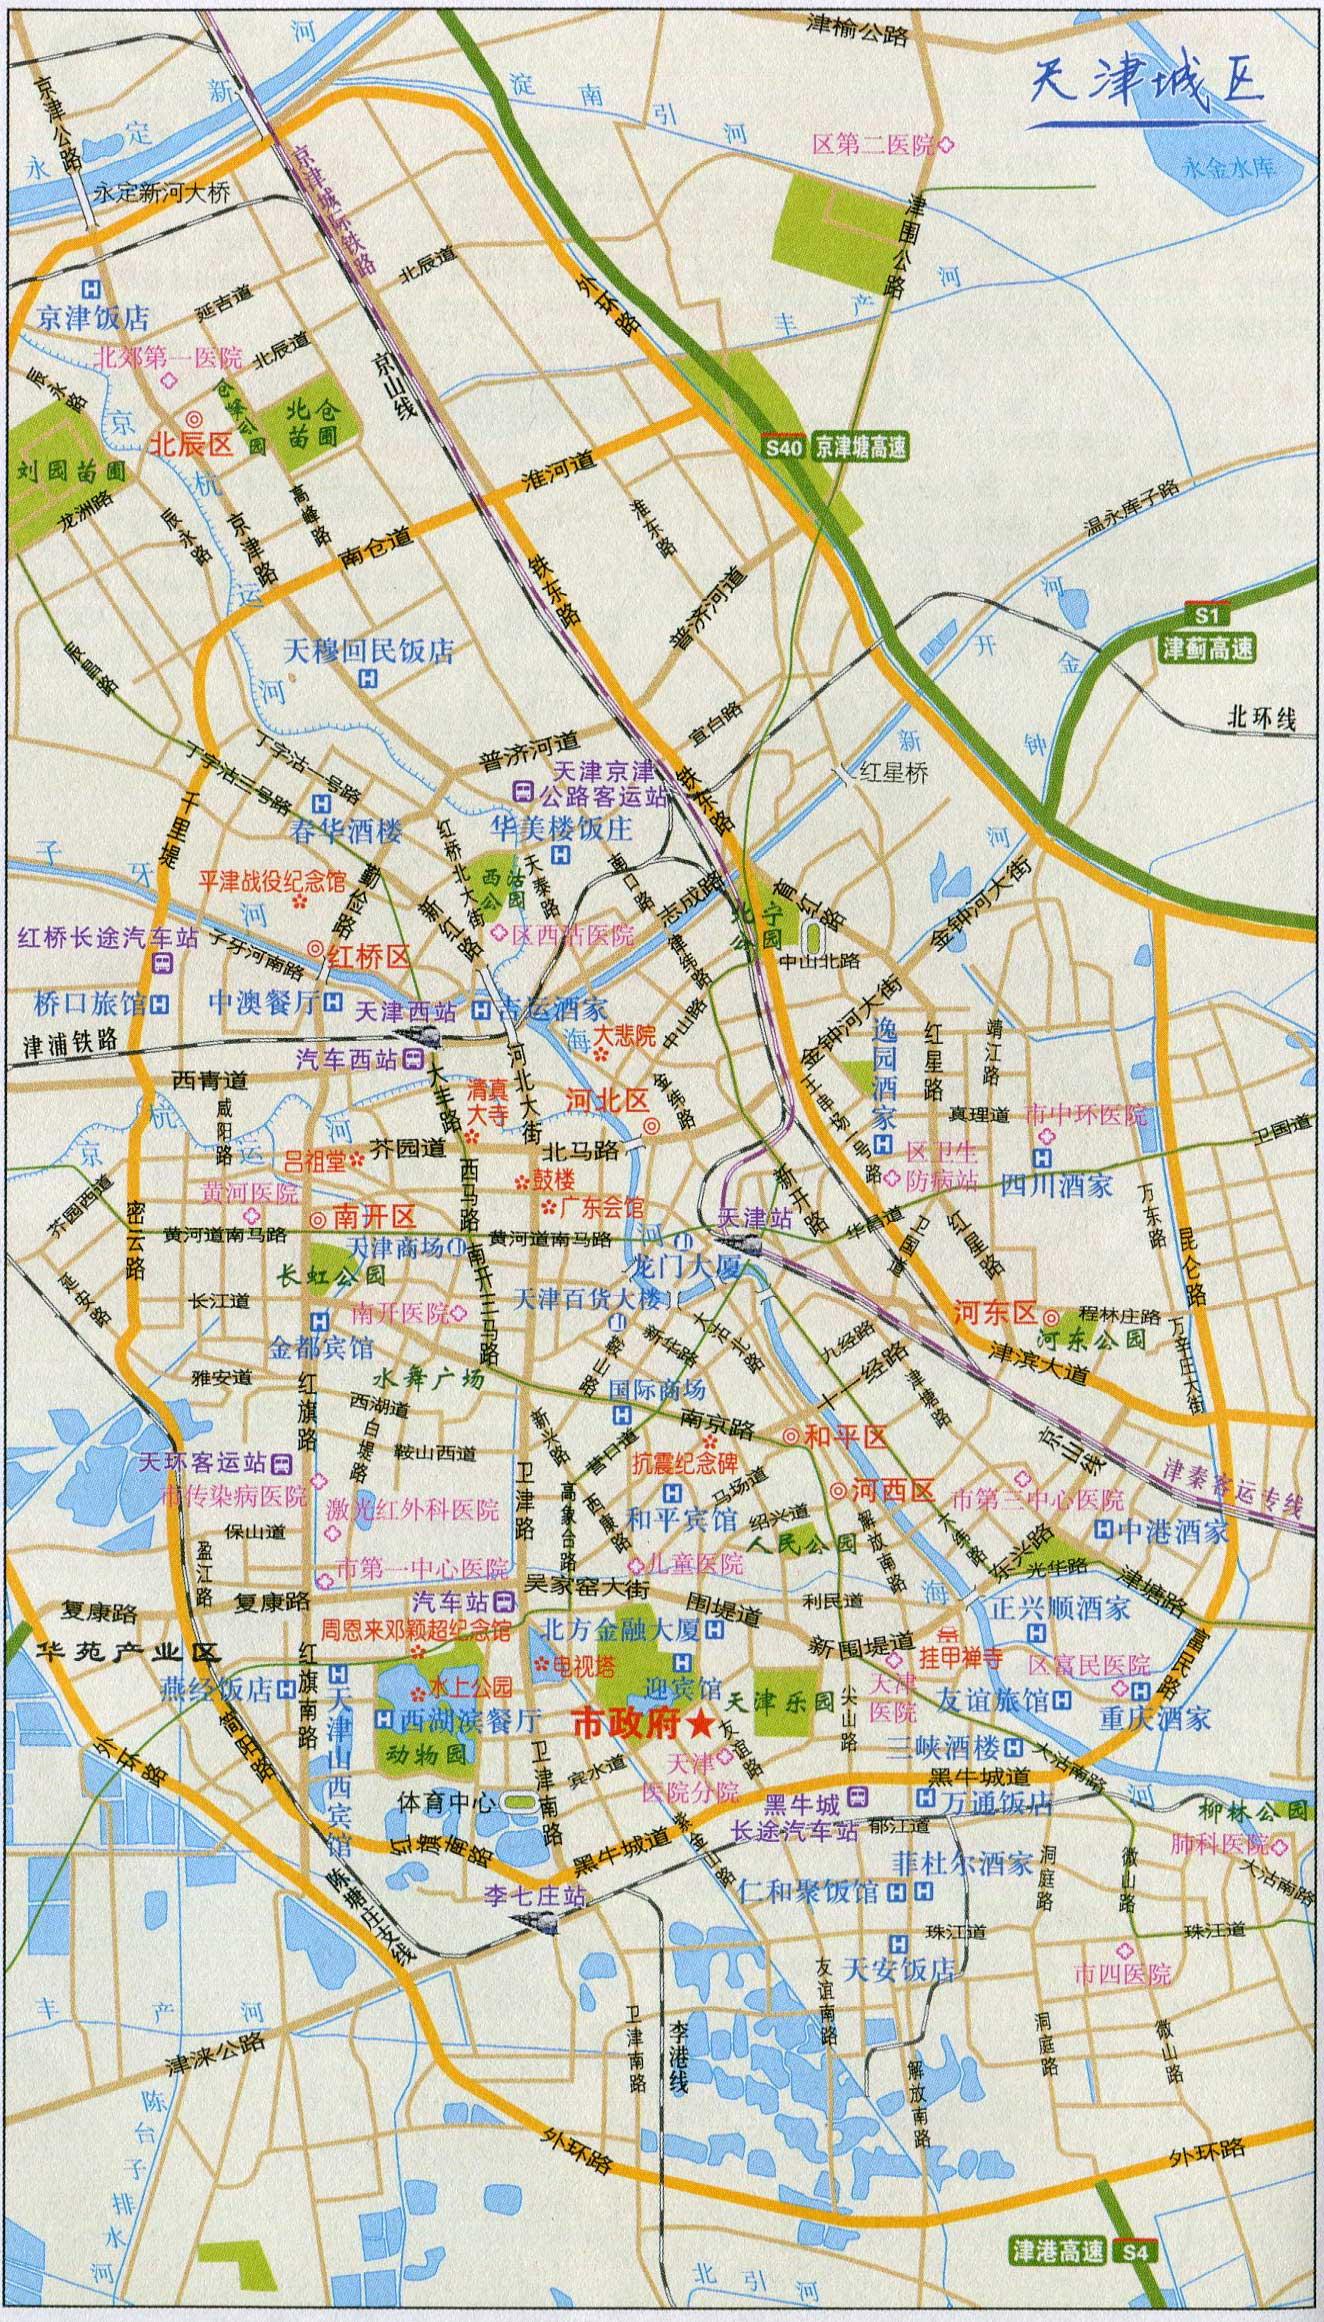 天津城区旅游交通地图